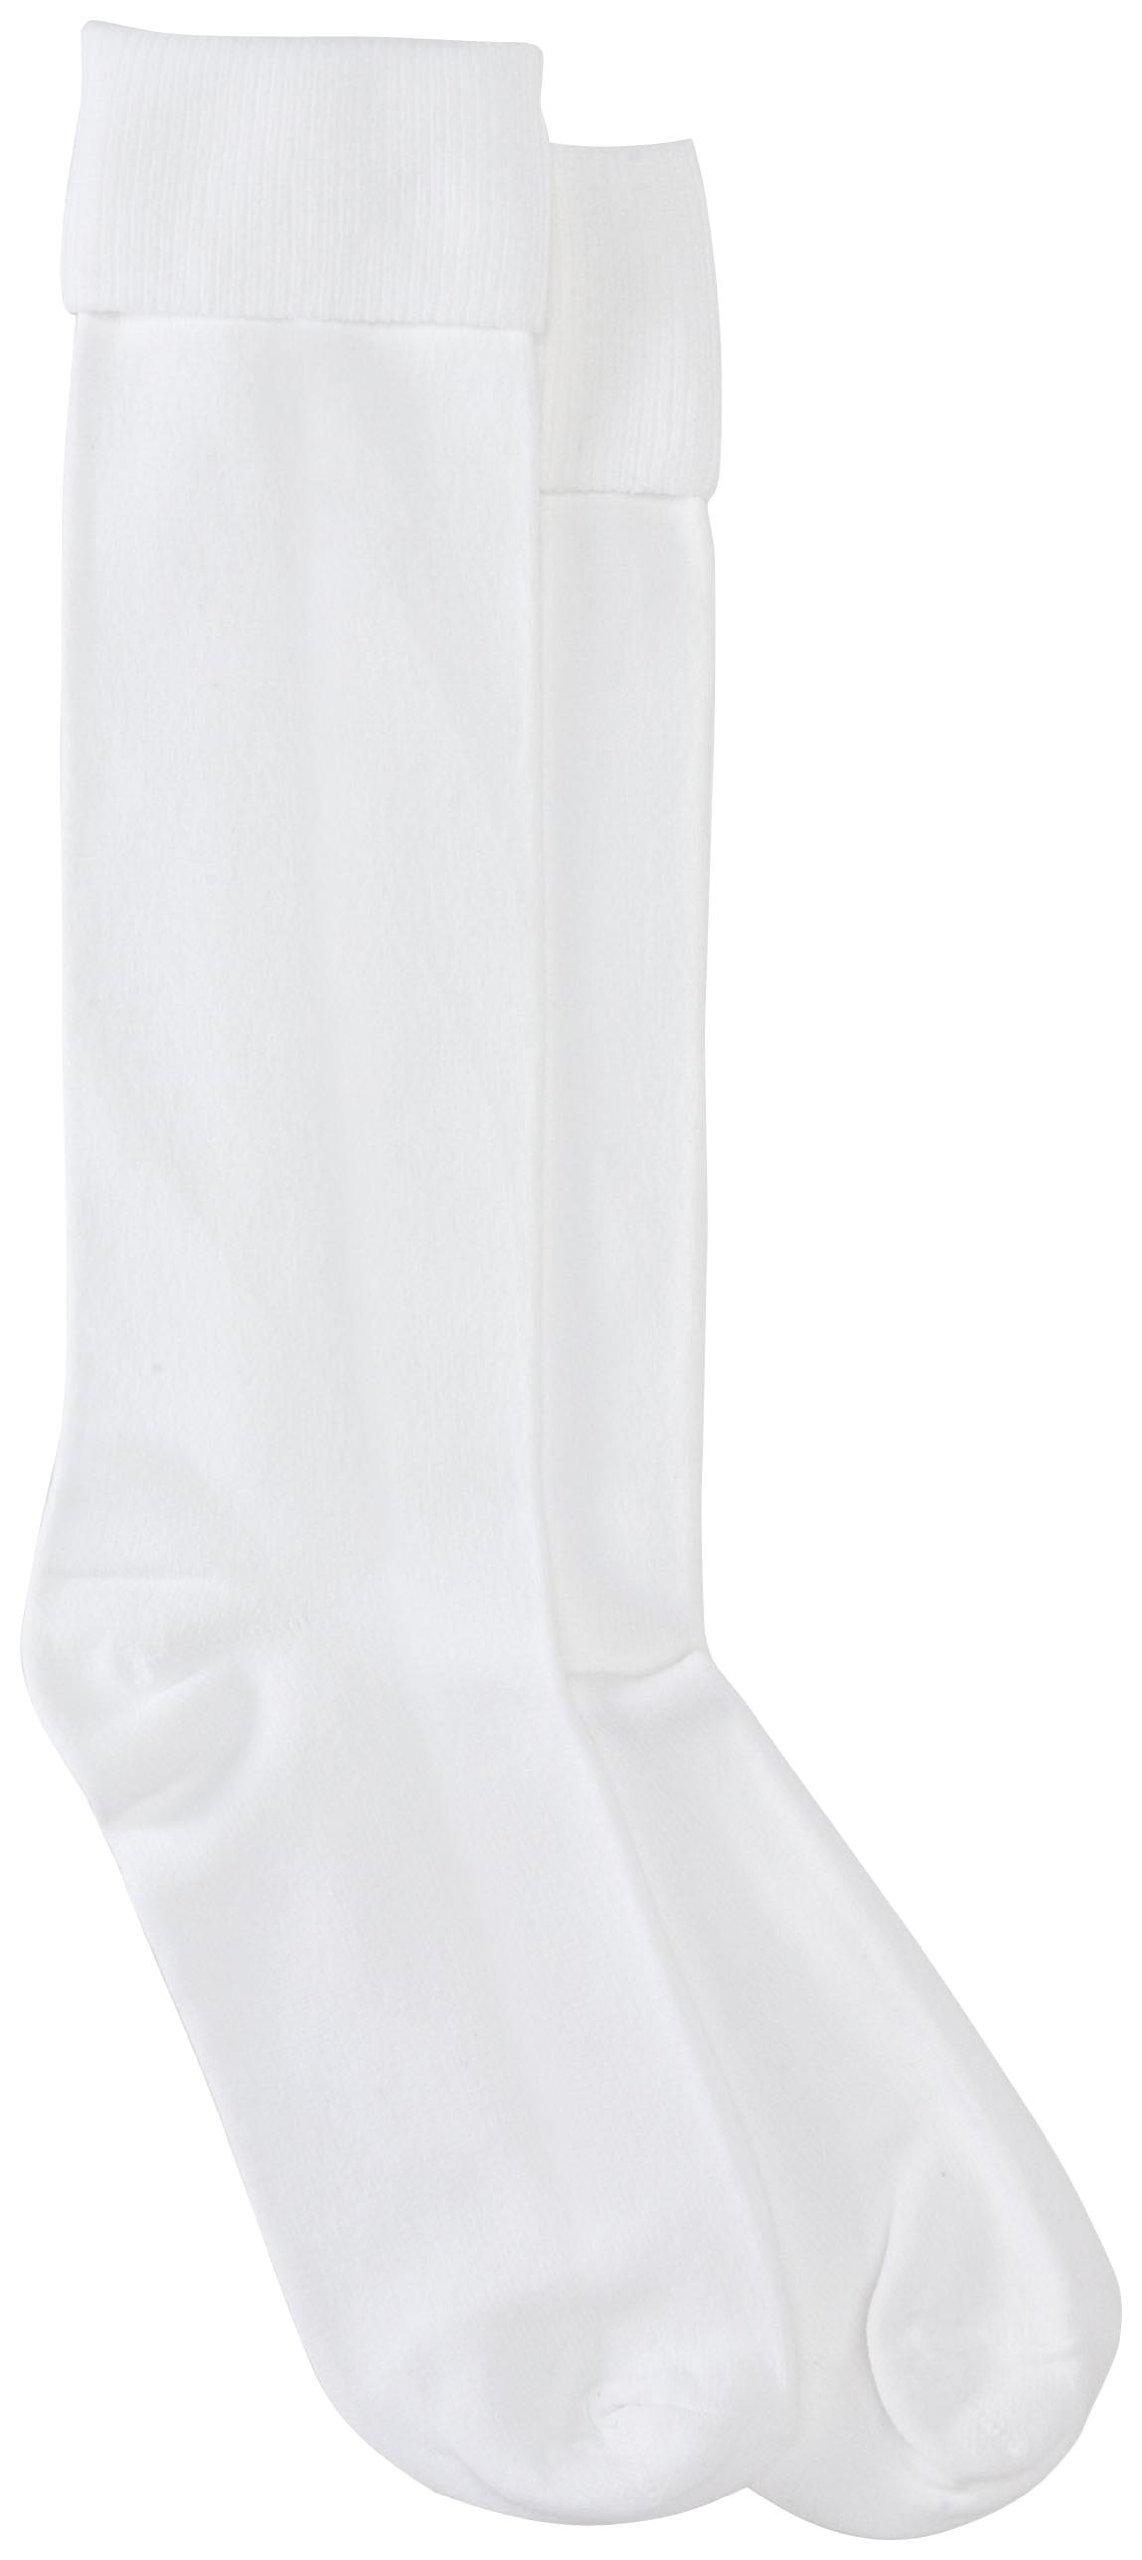 Jefferies Socks Little Girls' School Uniform Nylon Knee High (Pack of 6), White, 7-8.5